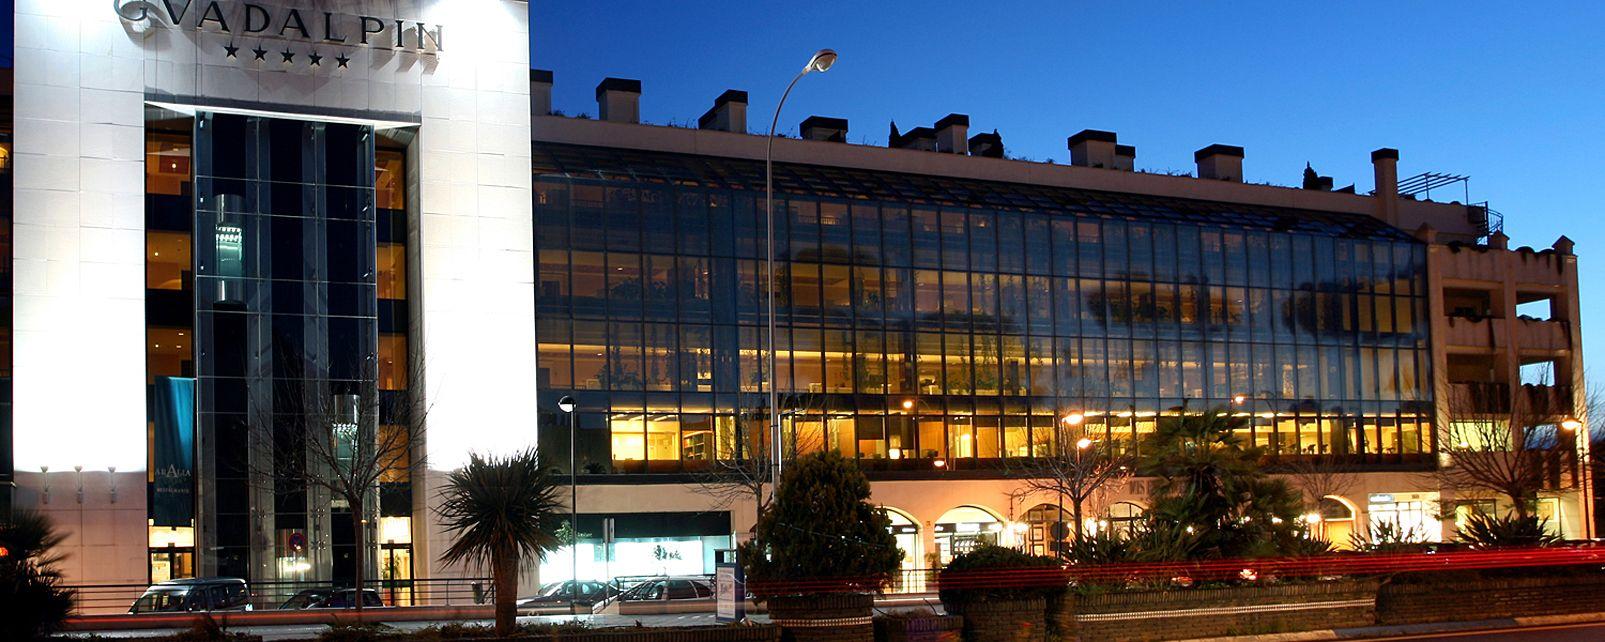 Hotel Gran Hotel Guadalpín Spa